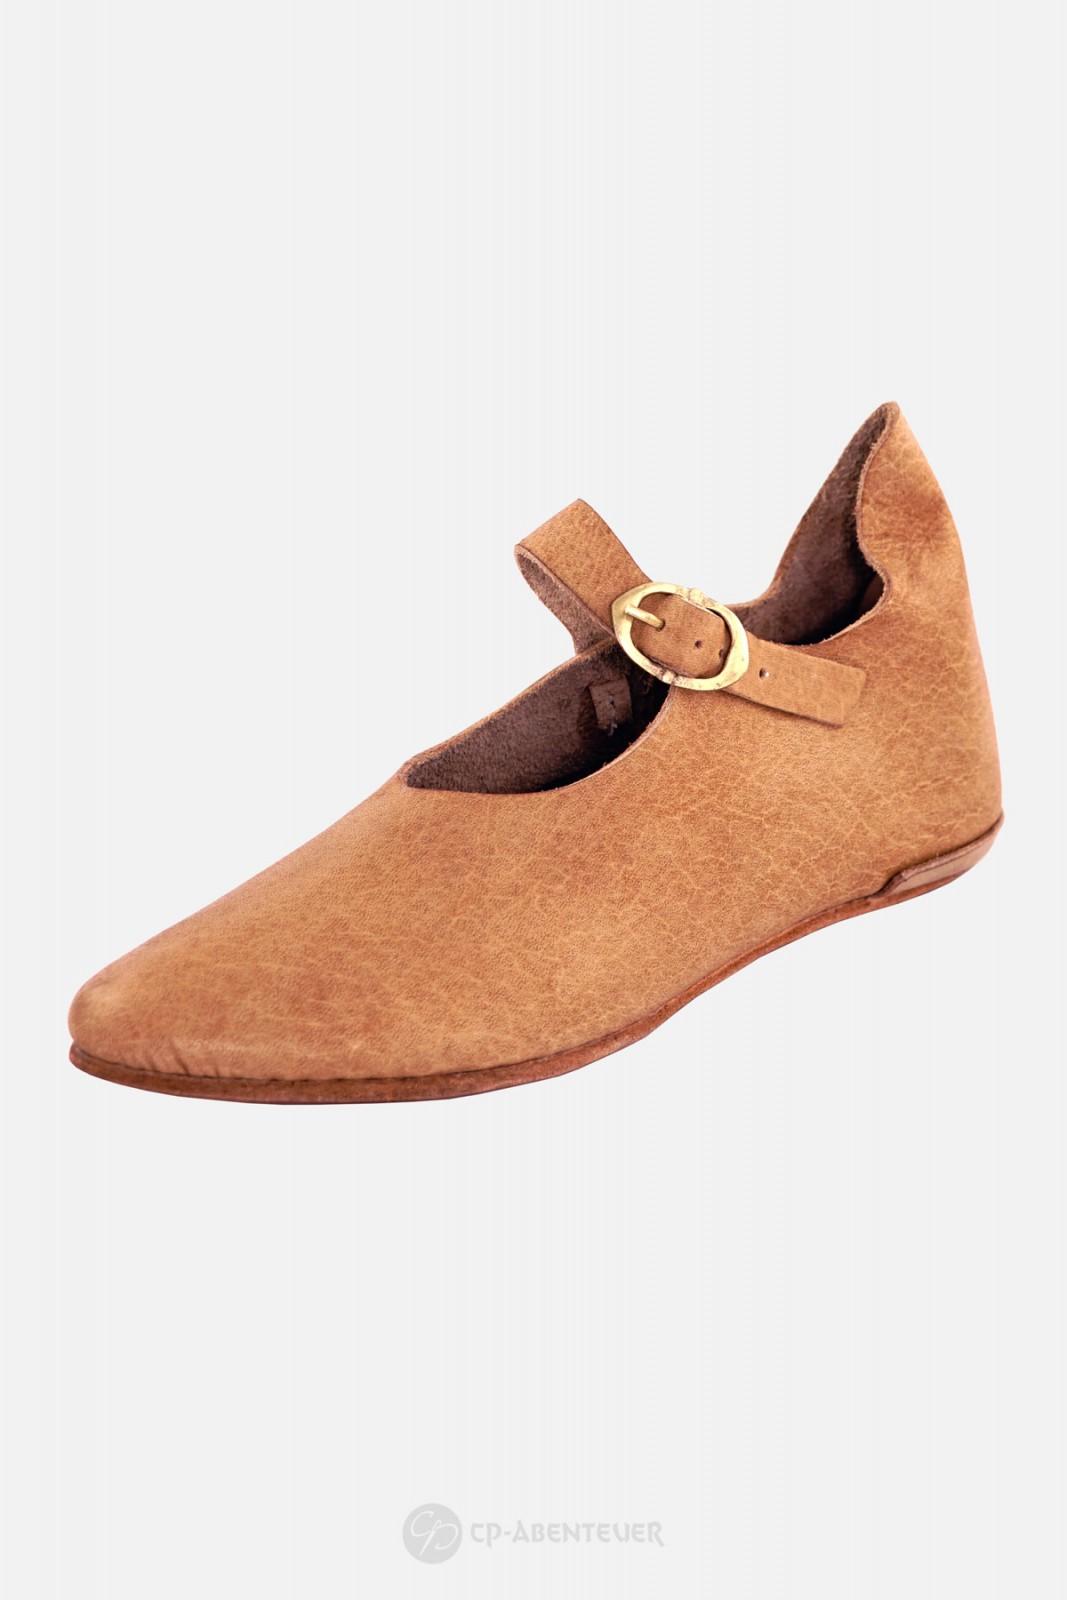 Adelheit - Schuhe